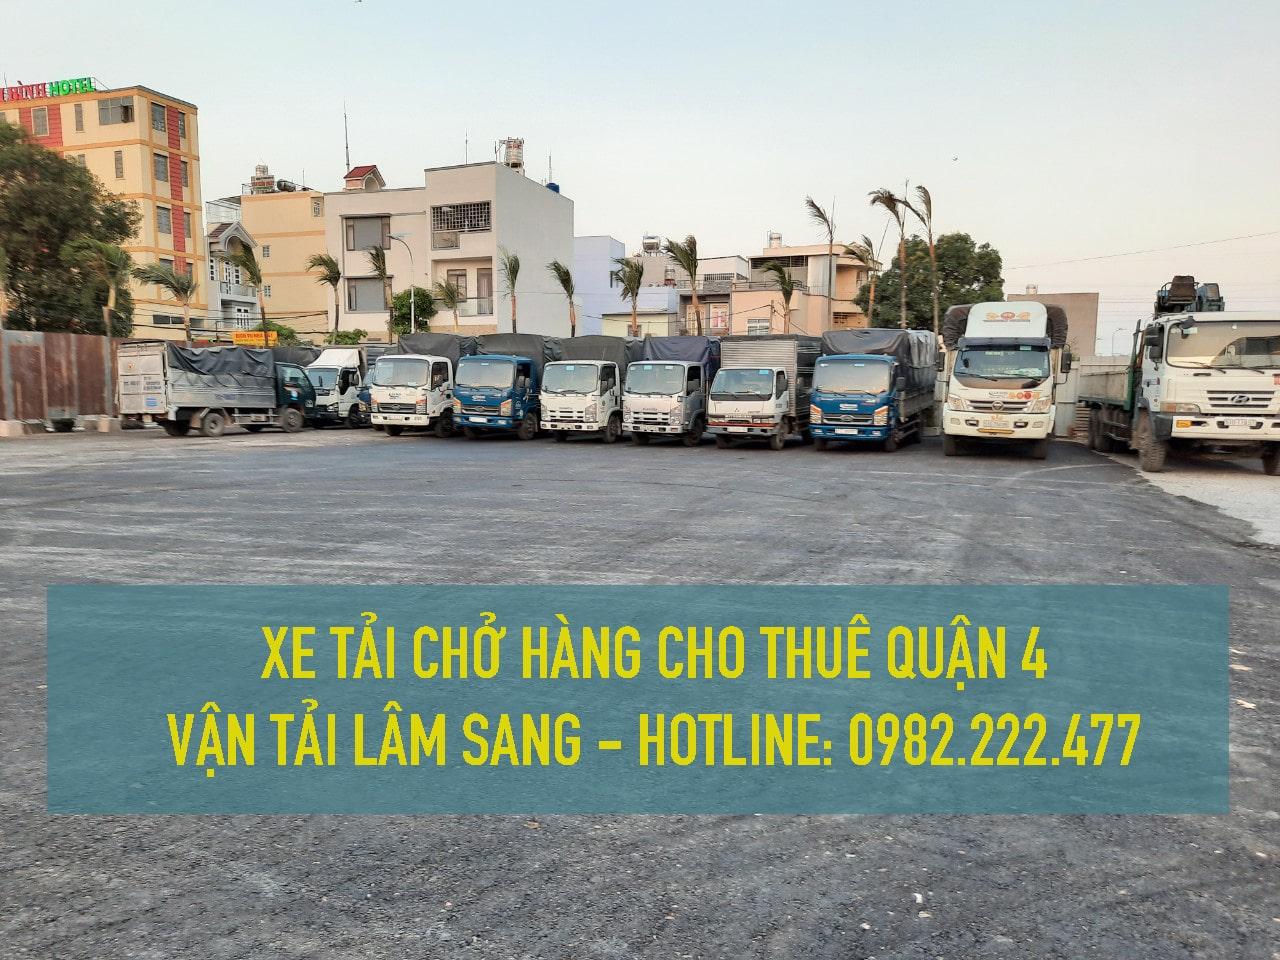 Cho thuê xe tải nhỏ chở hàng Quận 4 - Cty Vận Tải Lâm Sang